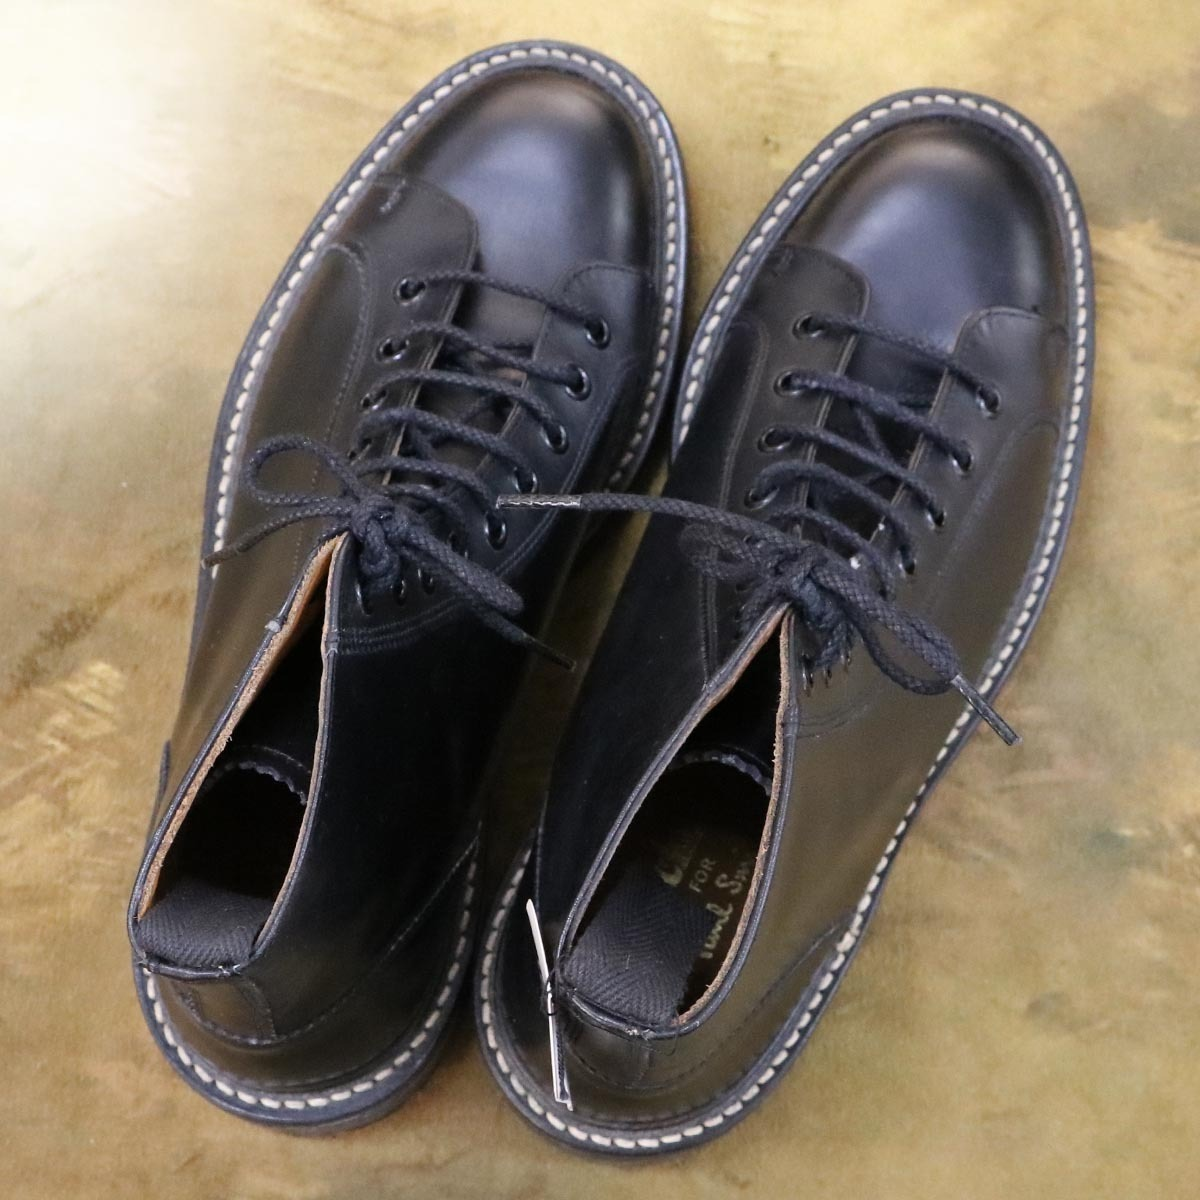 本物 極上品 トリッカーズ 別注品 ポールスミス レースアップ DERBY レザーブーツ ブラック 紳士靴 スニーカー Tricker's_画像8